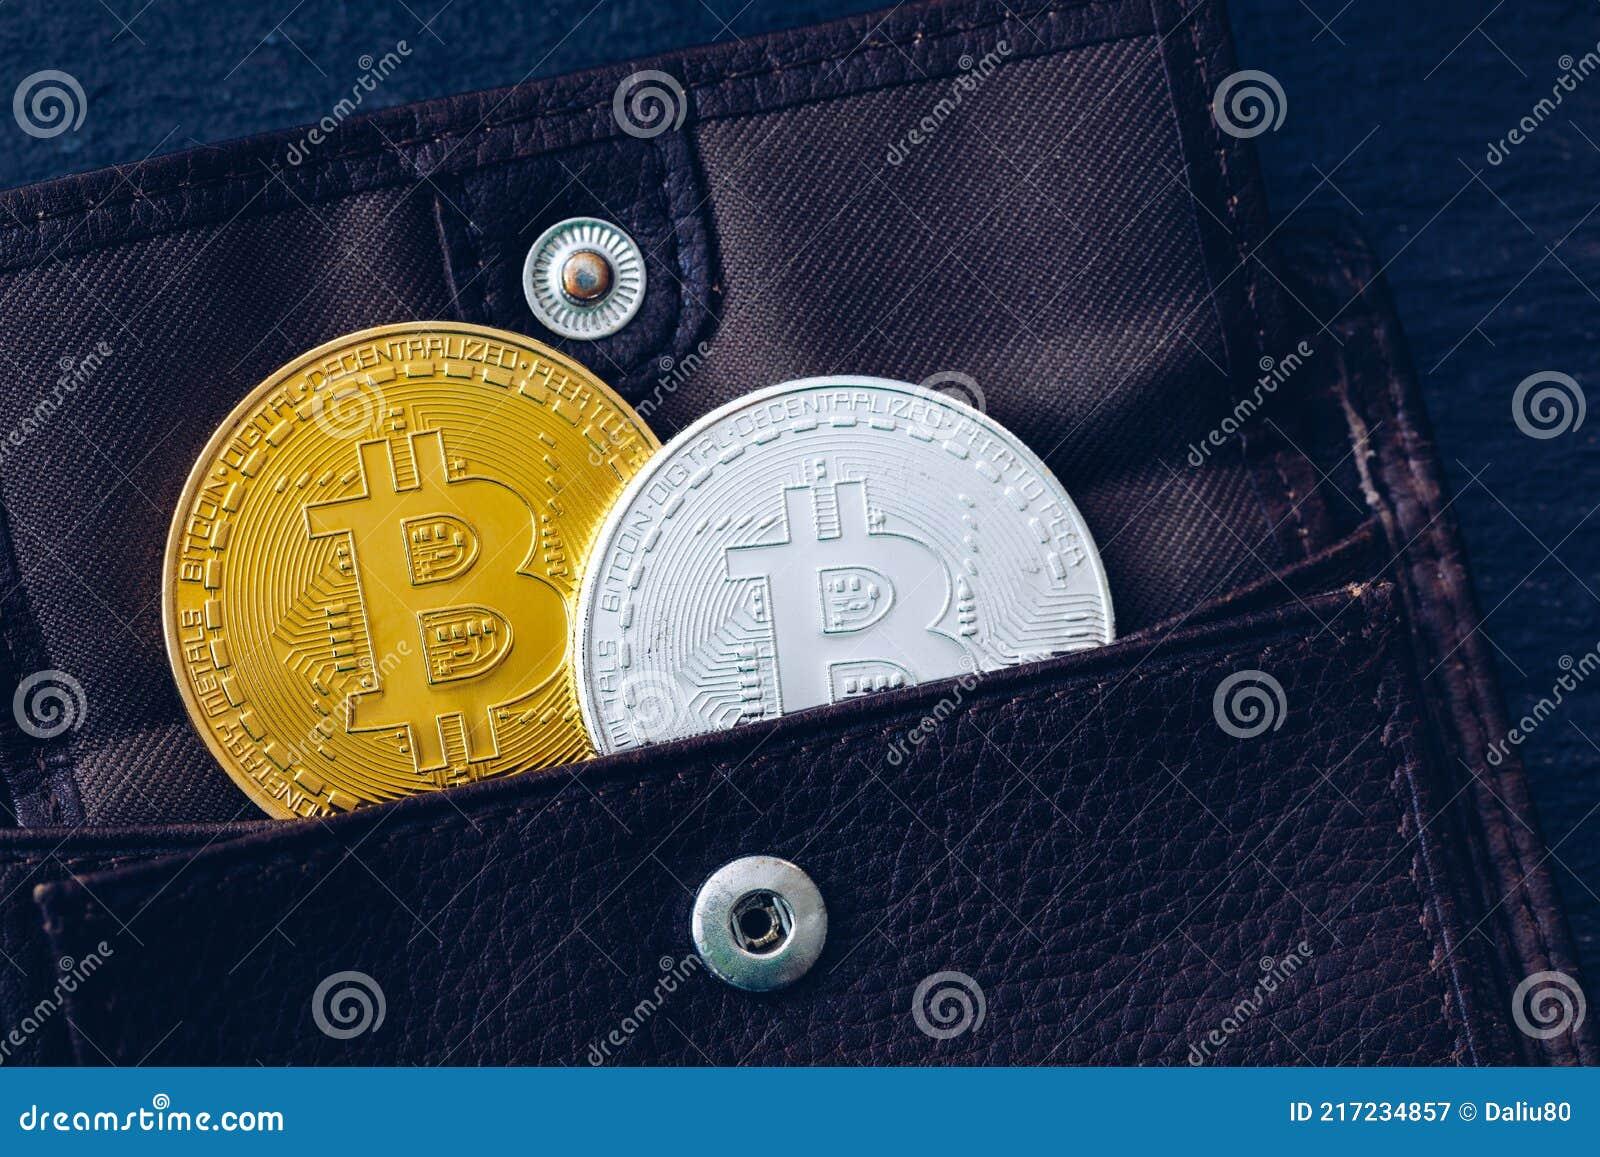 portafoglio minerario bitcoin)